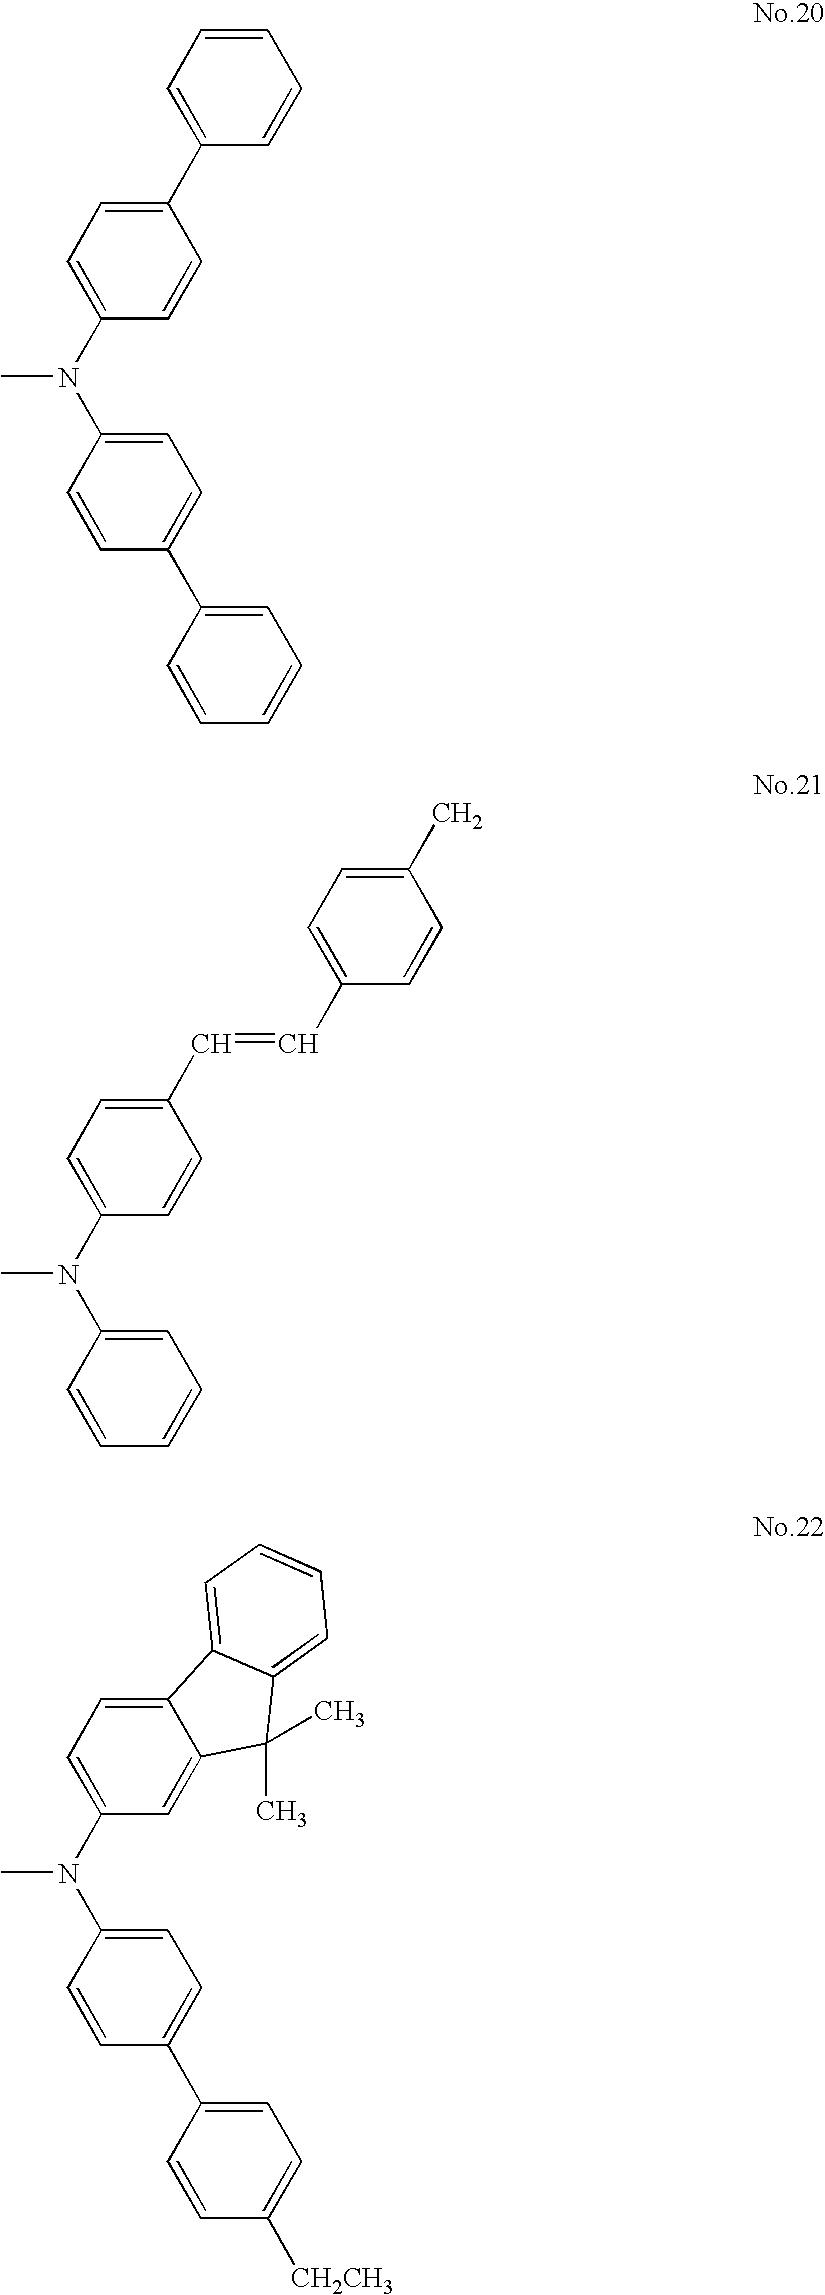 Figure US07629094-20091208-C00020